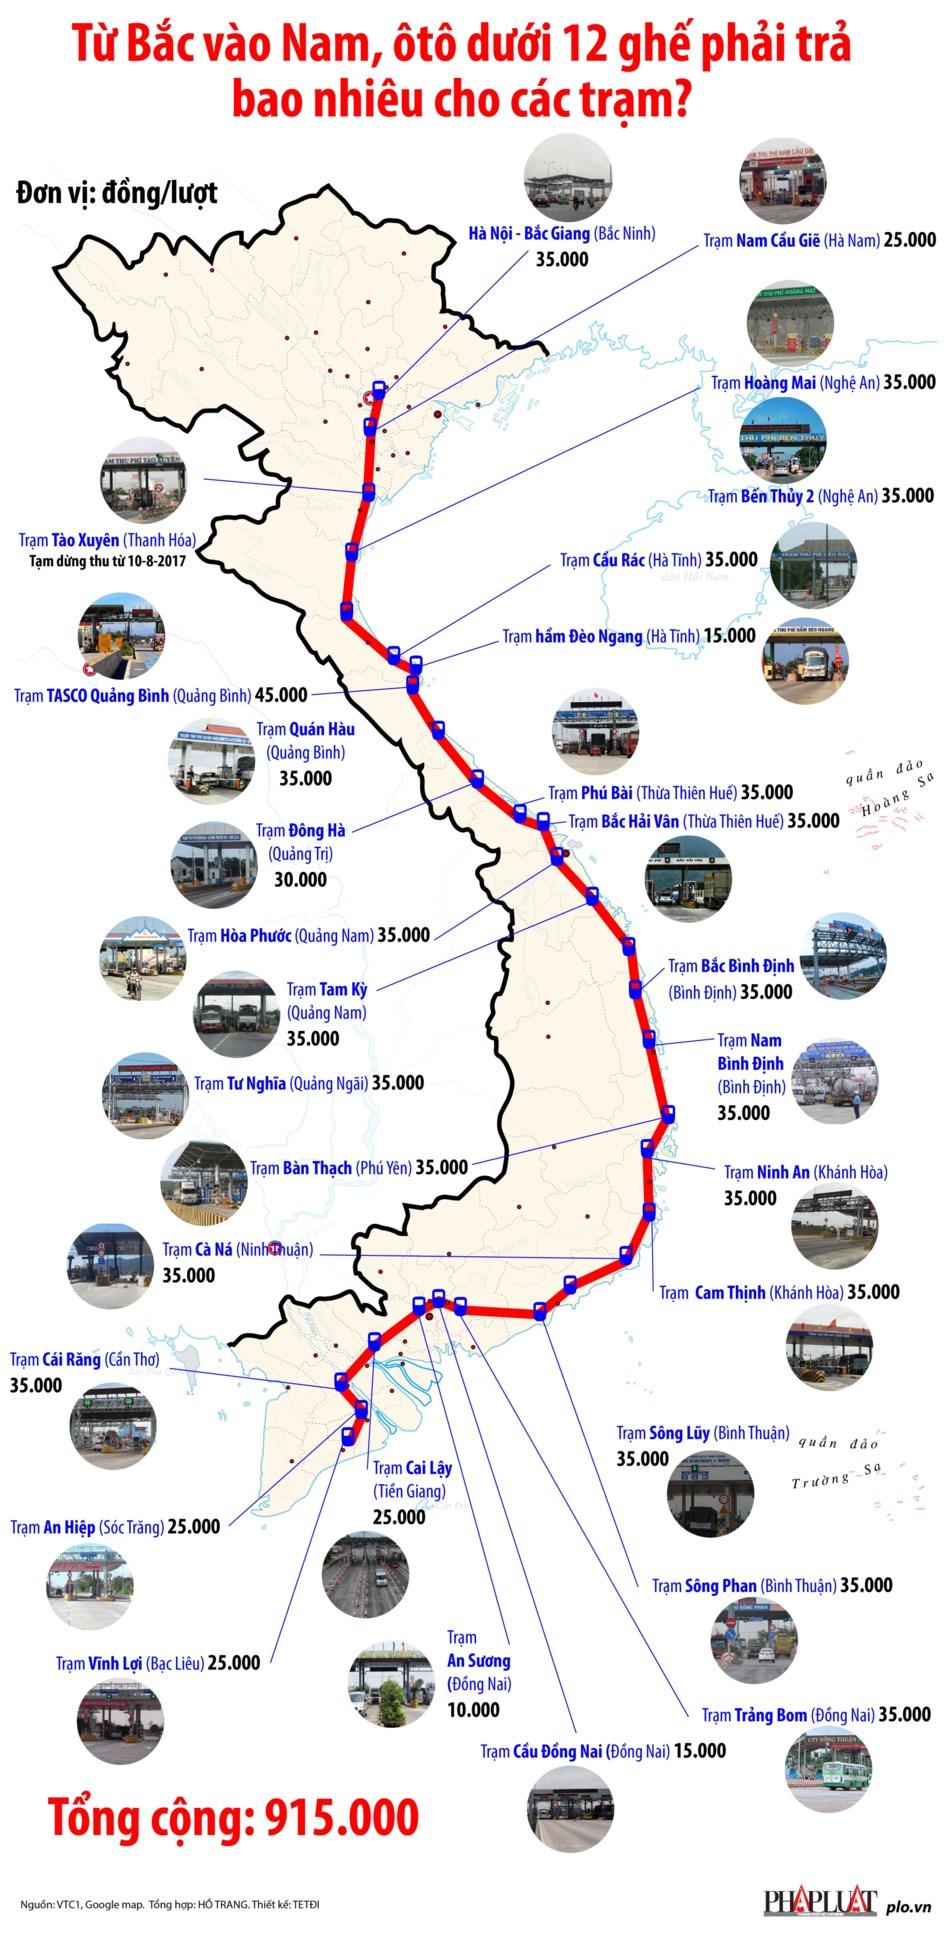 Ô tô đi từ Bắc vào Nam tốn gần 1 triệu đồng phí BOT - 1